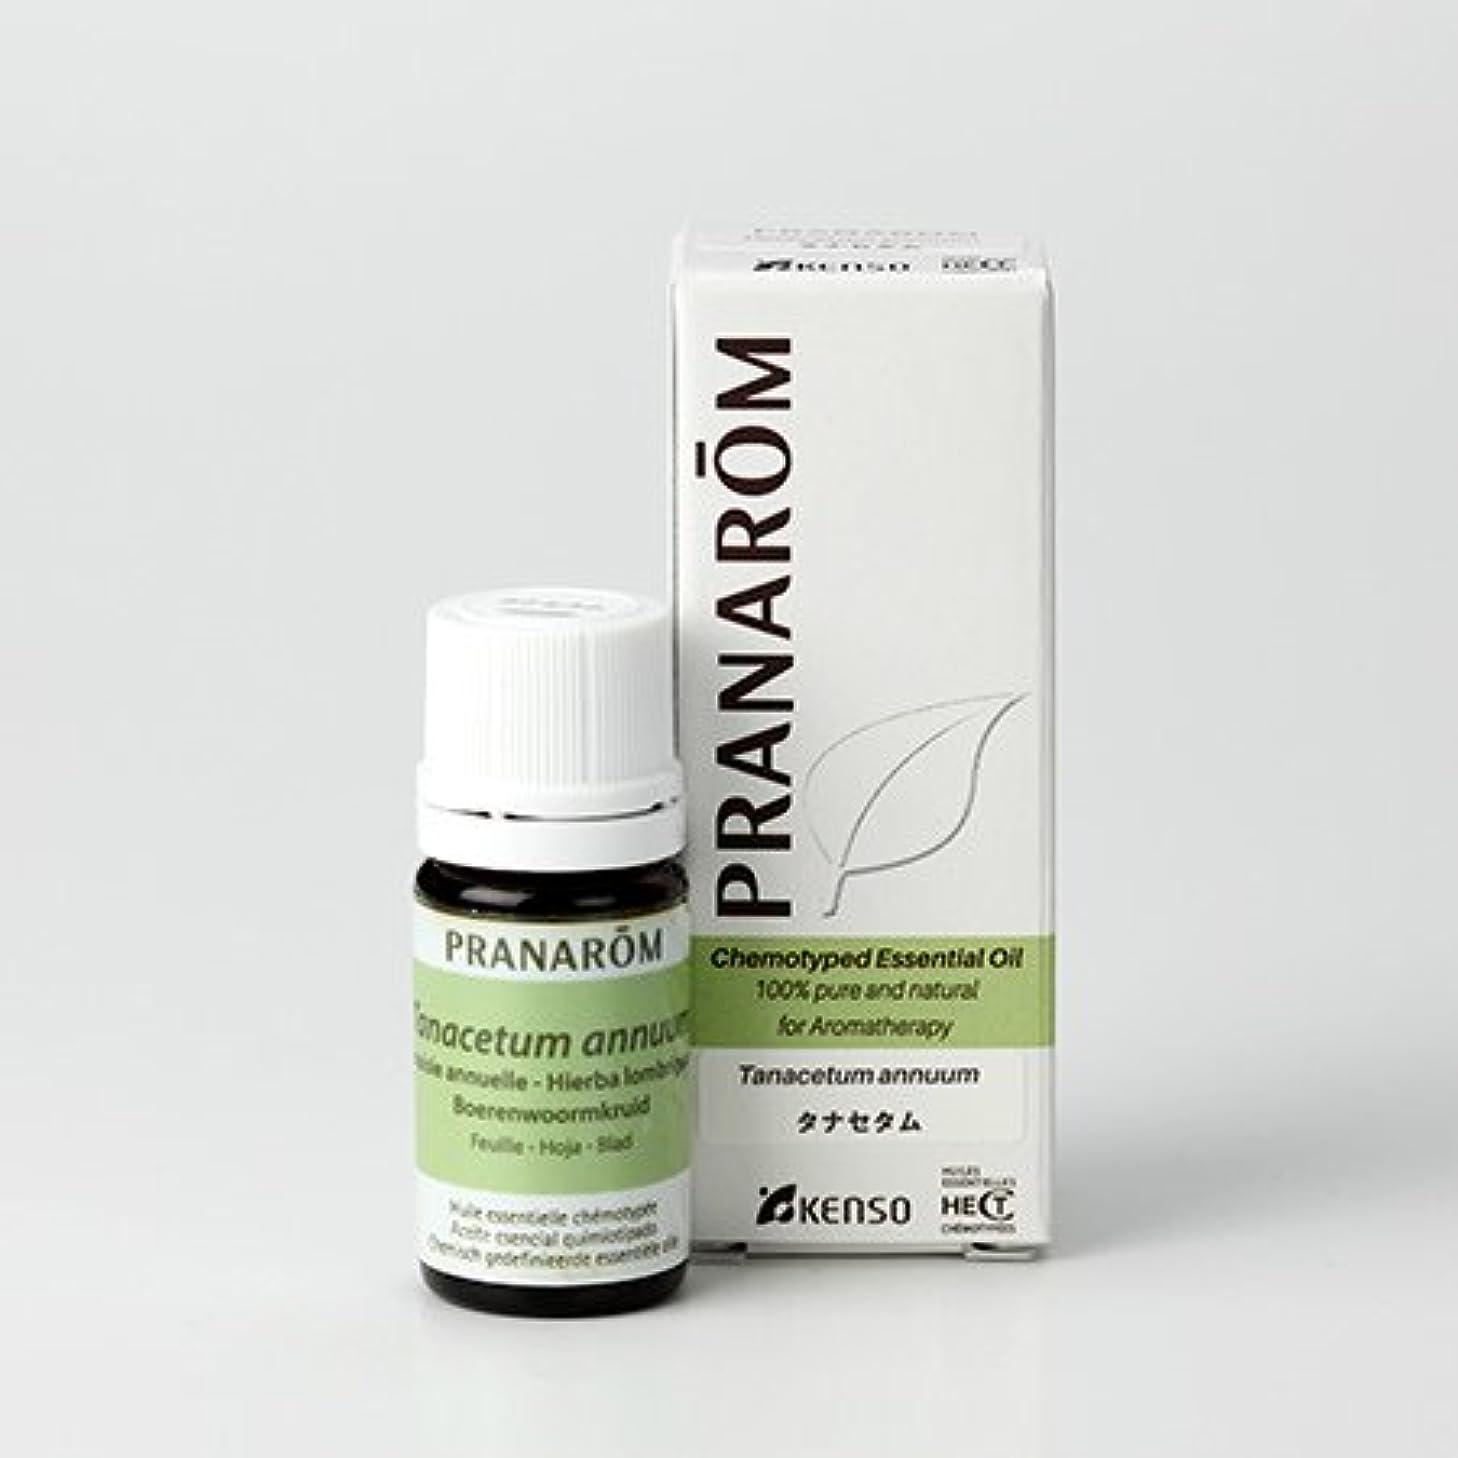 奨励します定刻貪欲プラナロム タナセタム 5ml (PRANAROM ケモタイプ精油)